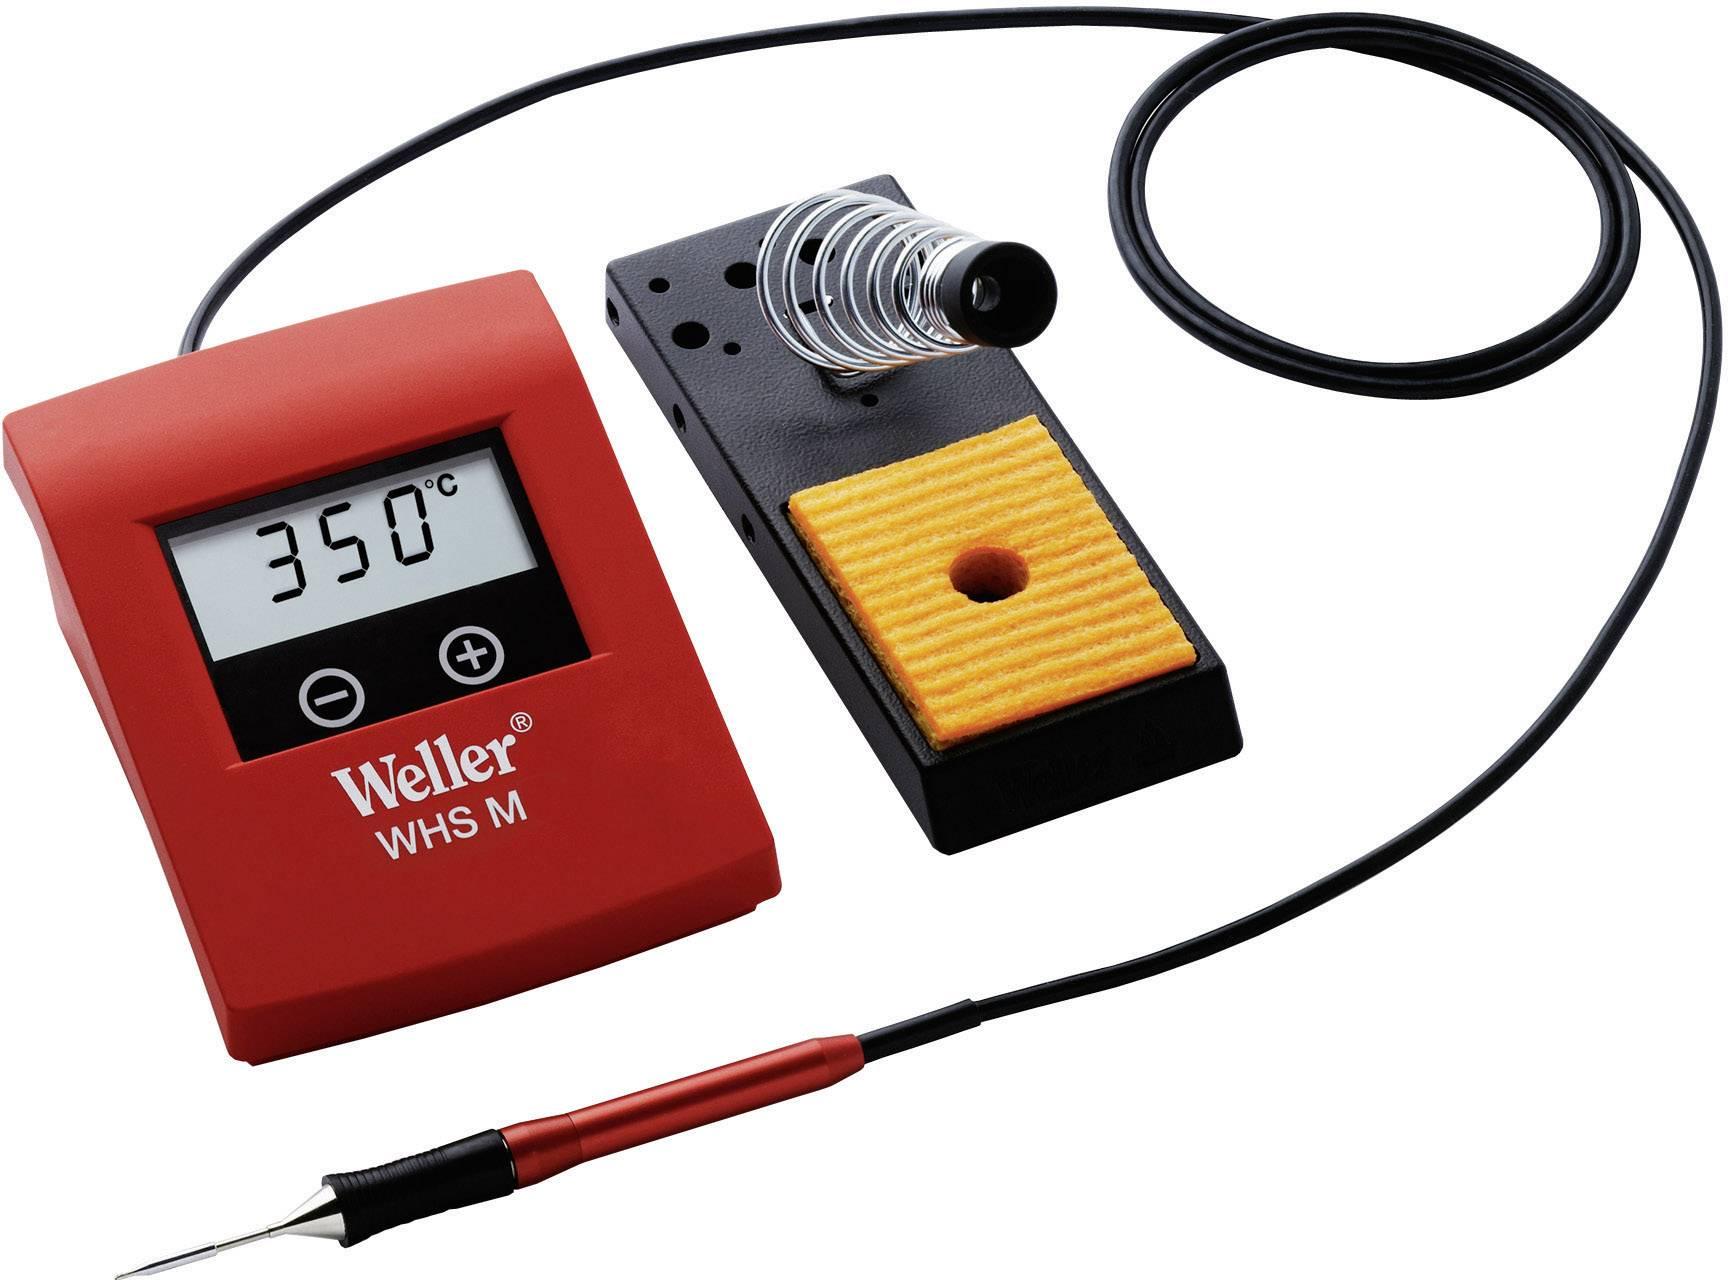 Pájecí stanice Weller WHS M T0056832699N, digitální, 50 W, +100 až +400 °C